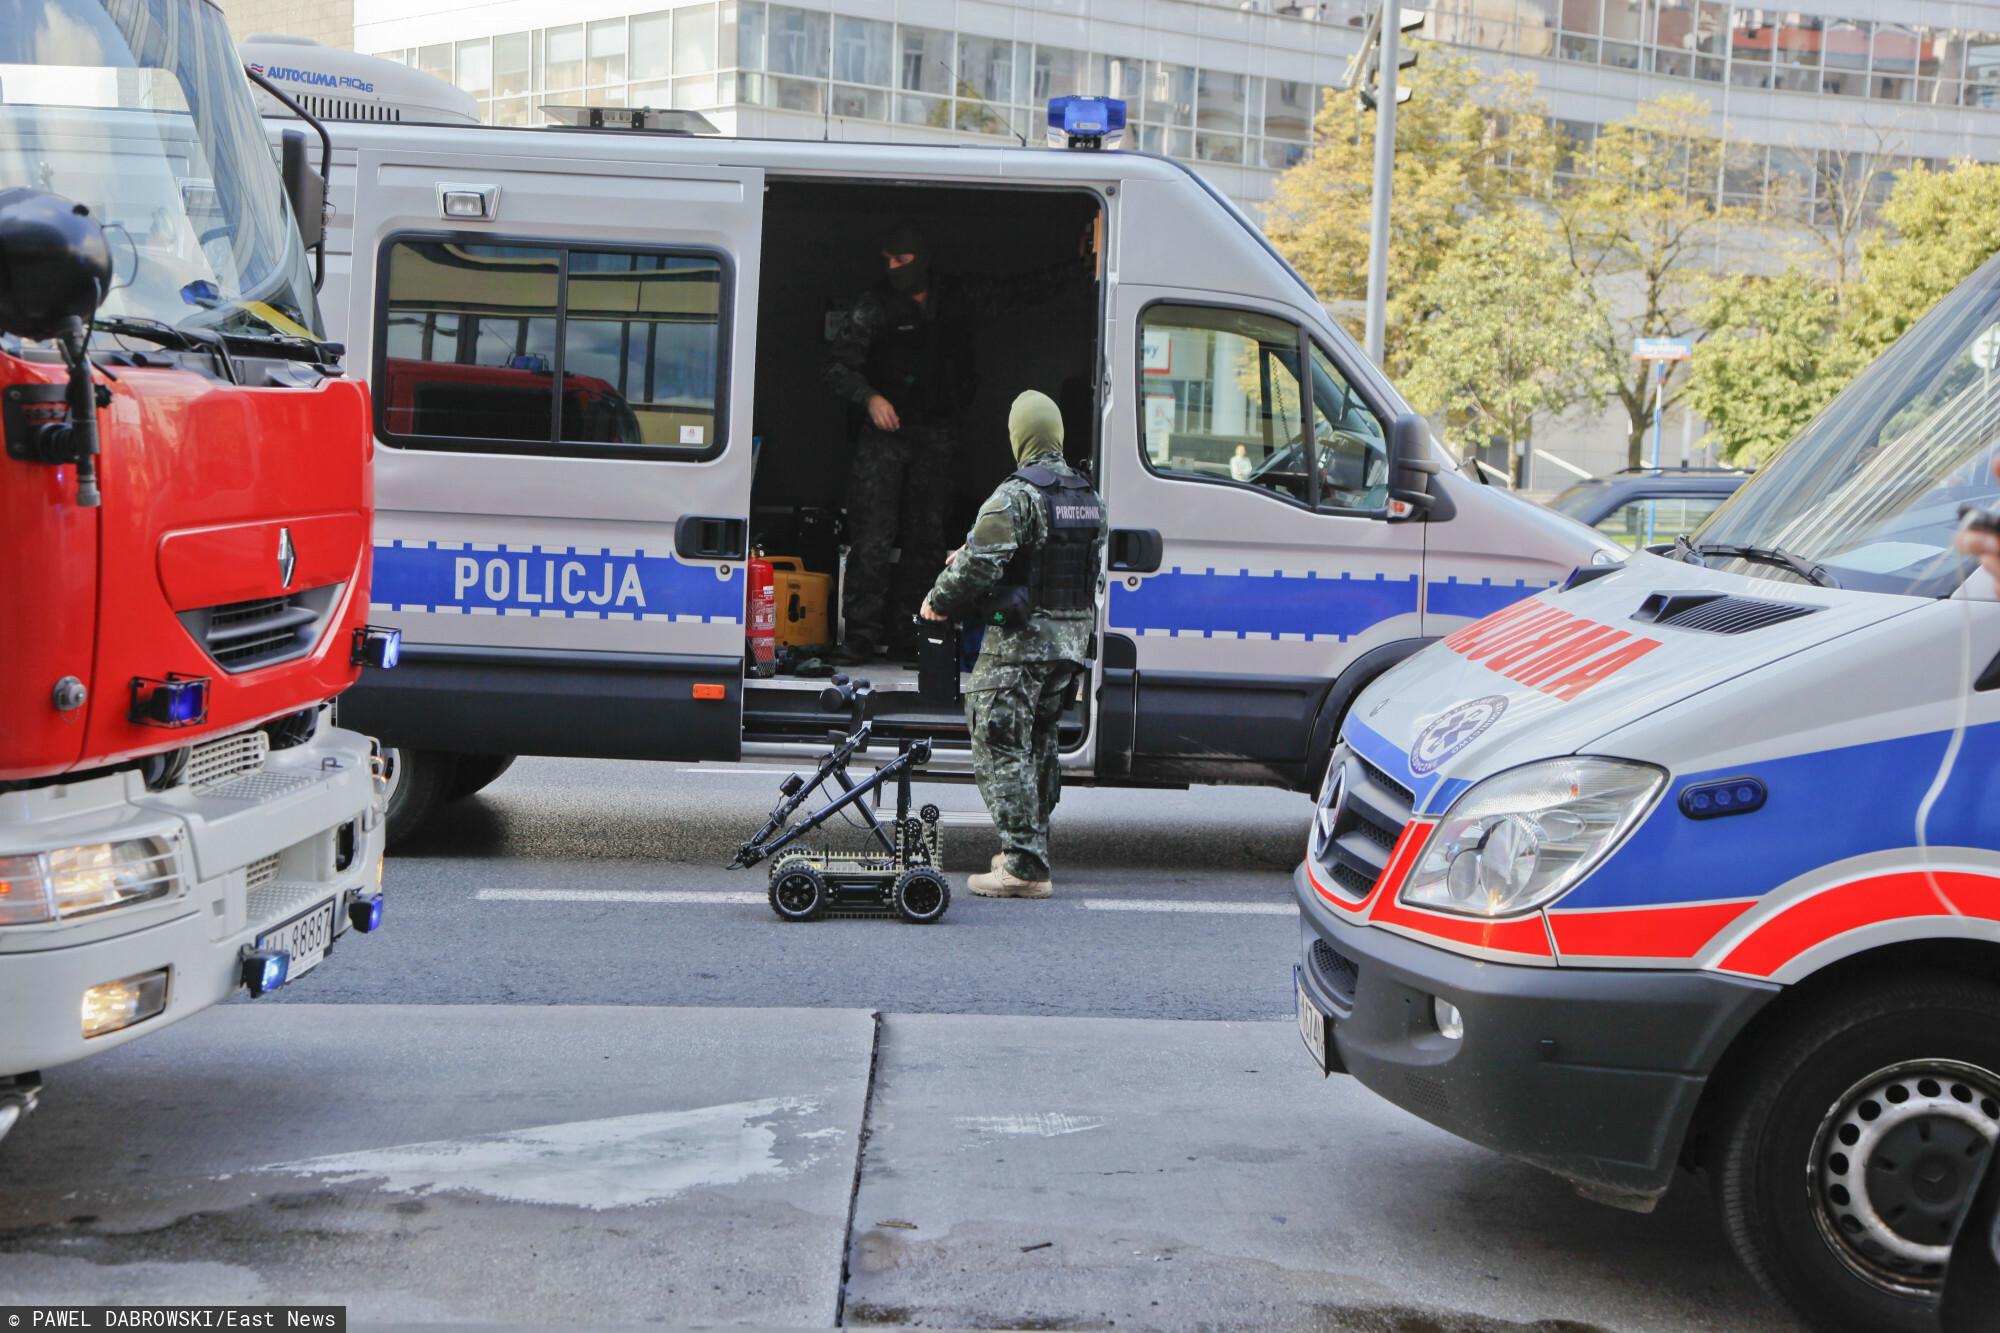 Akcja policji (zdj. ilustracyjne)